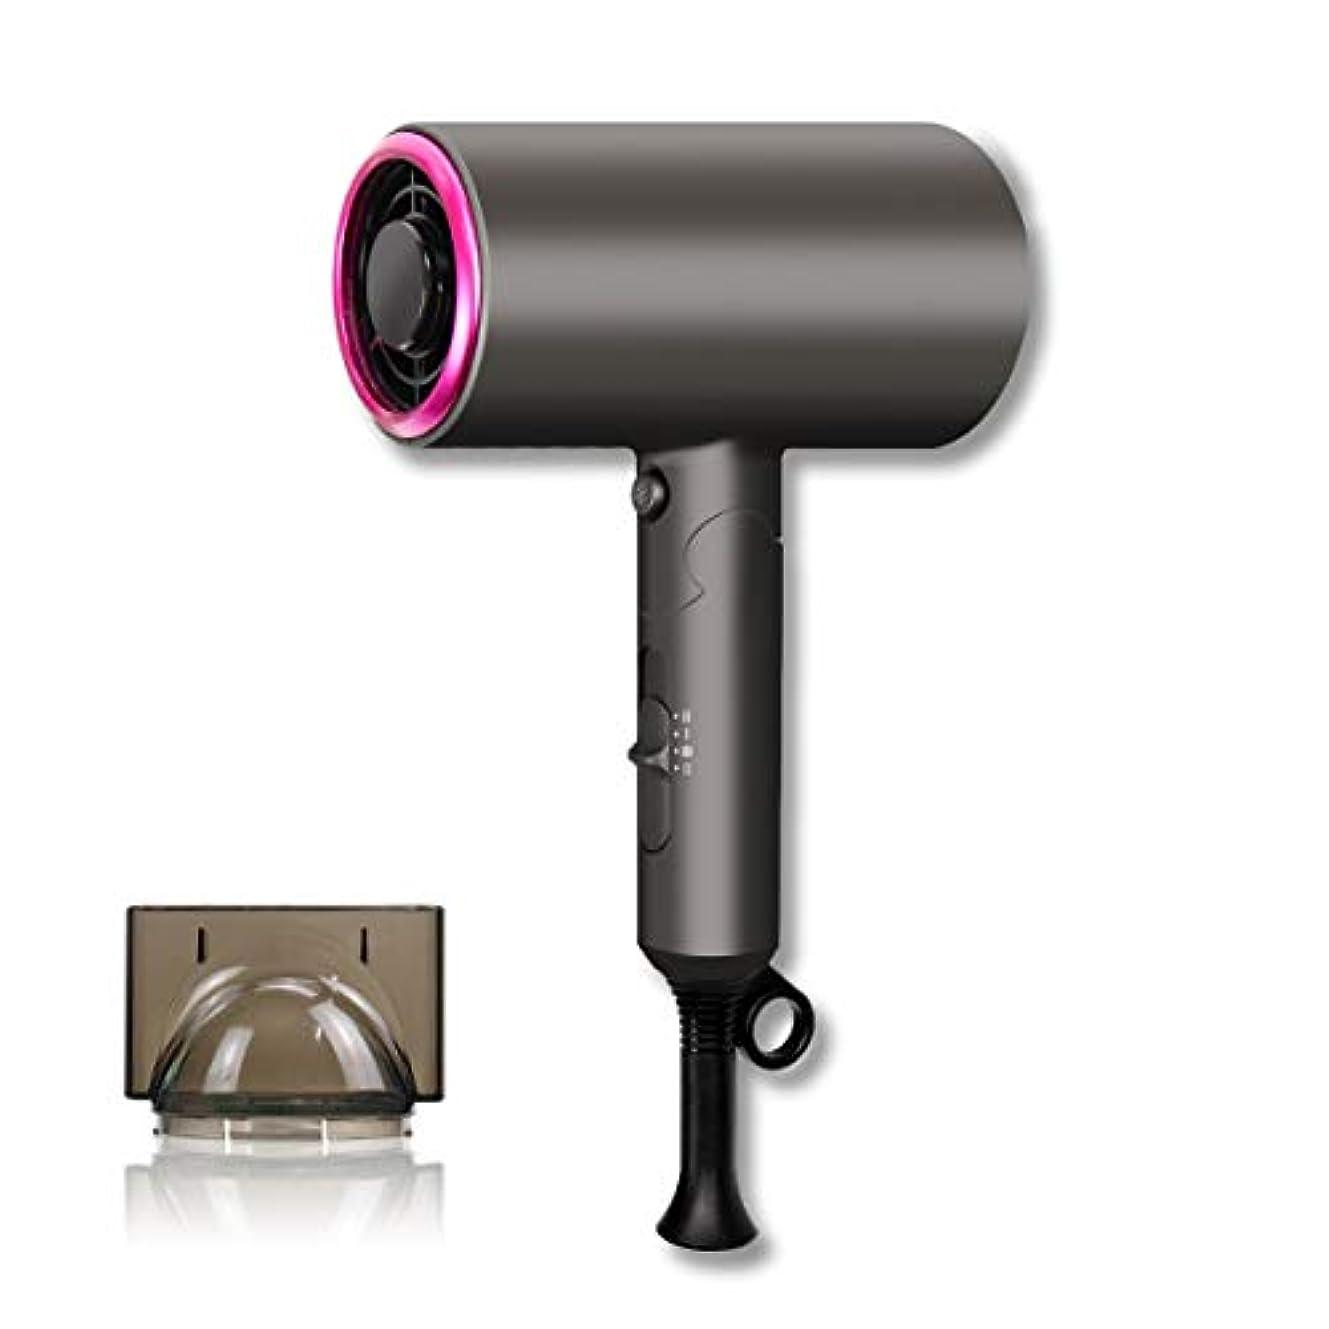 保証音声学写真を撮るヘアドライヤー 1200W  大風量 ドライヤー  ヘアケア  マイナスイオン 折り畳み式 3段階温度調整 旅行 家庭用